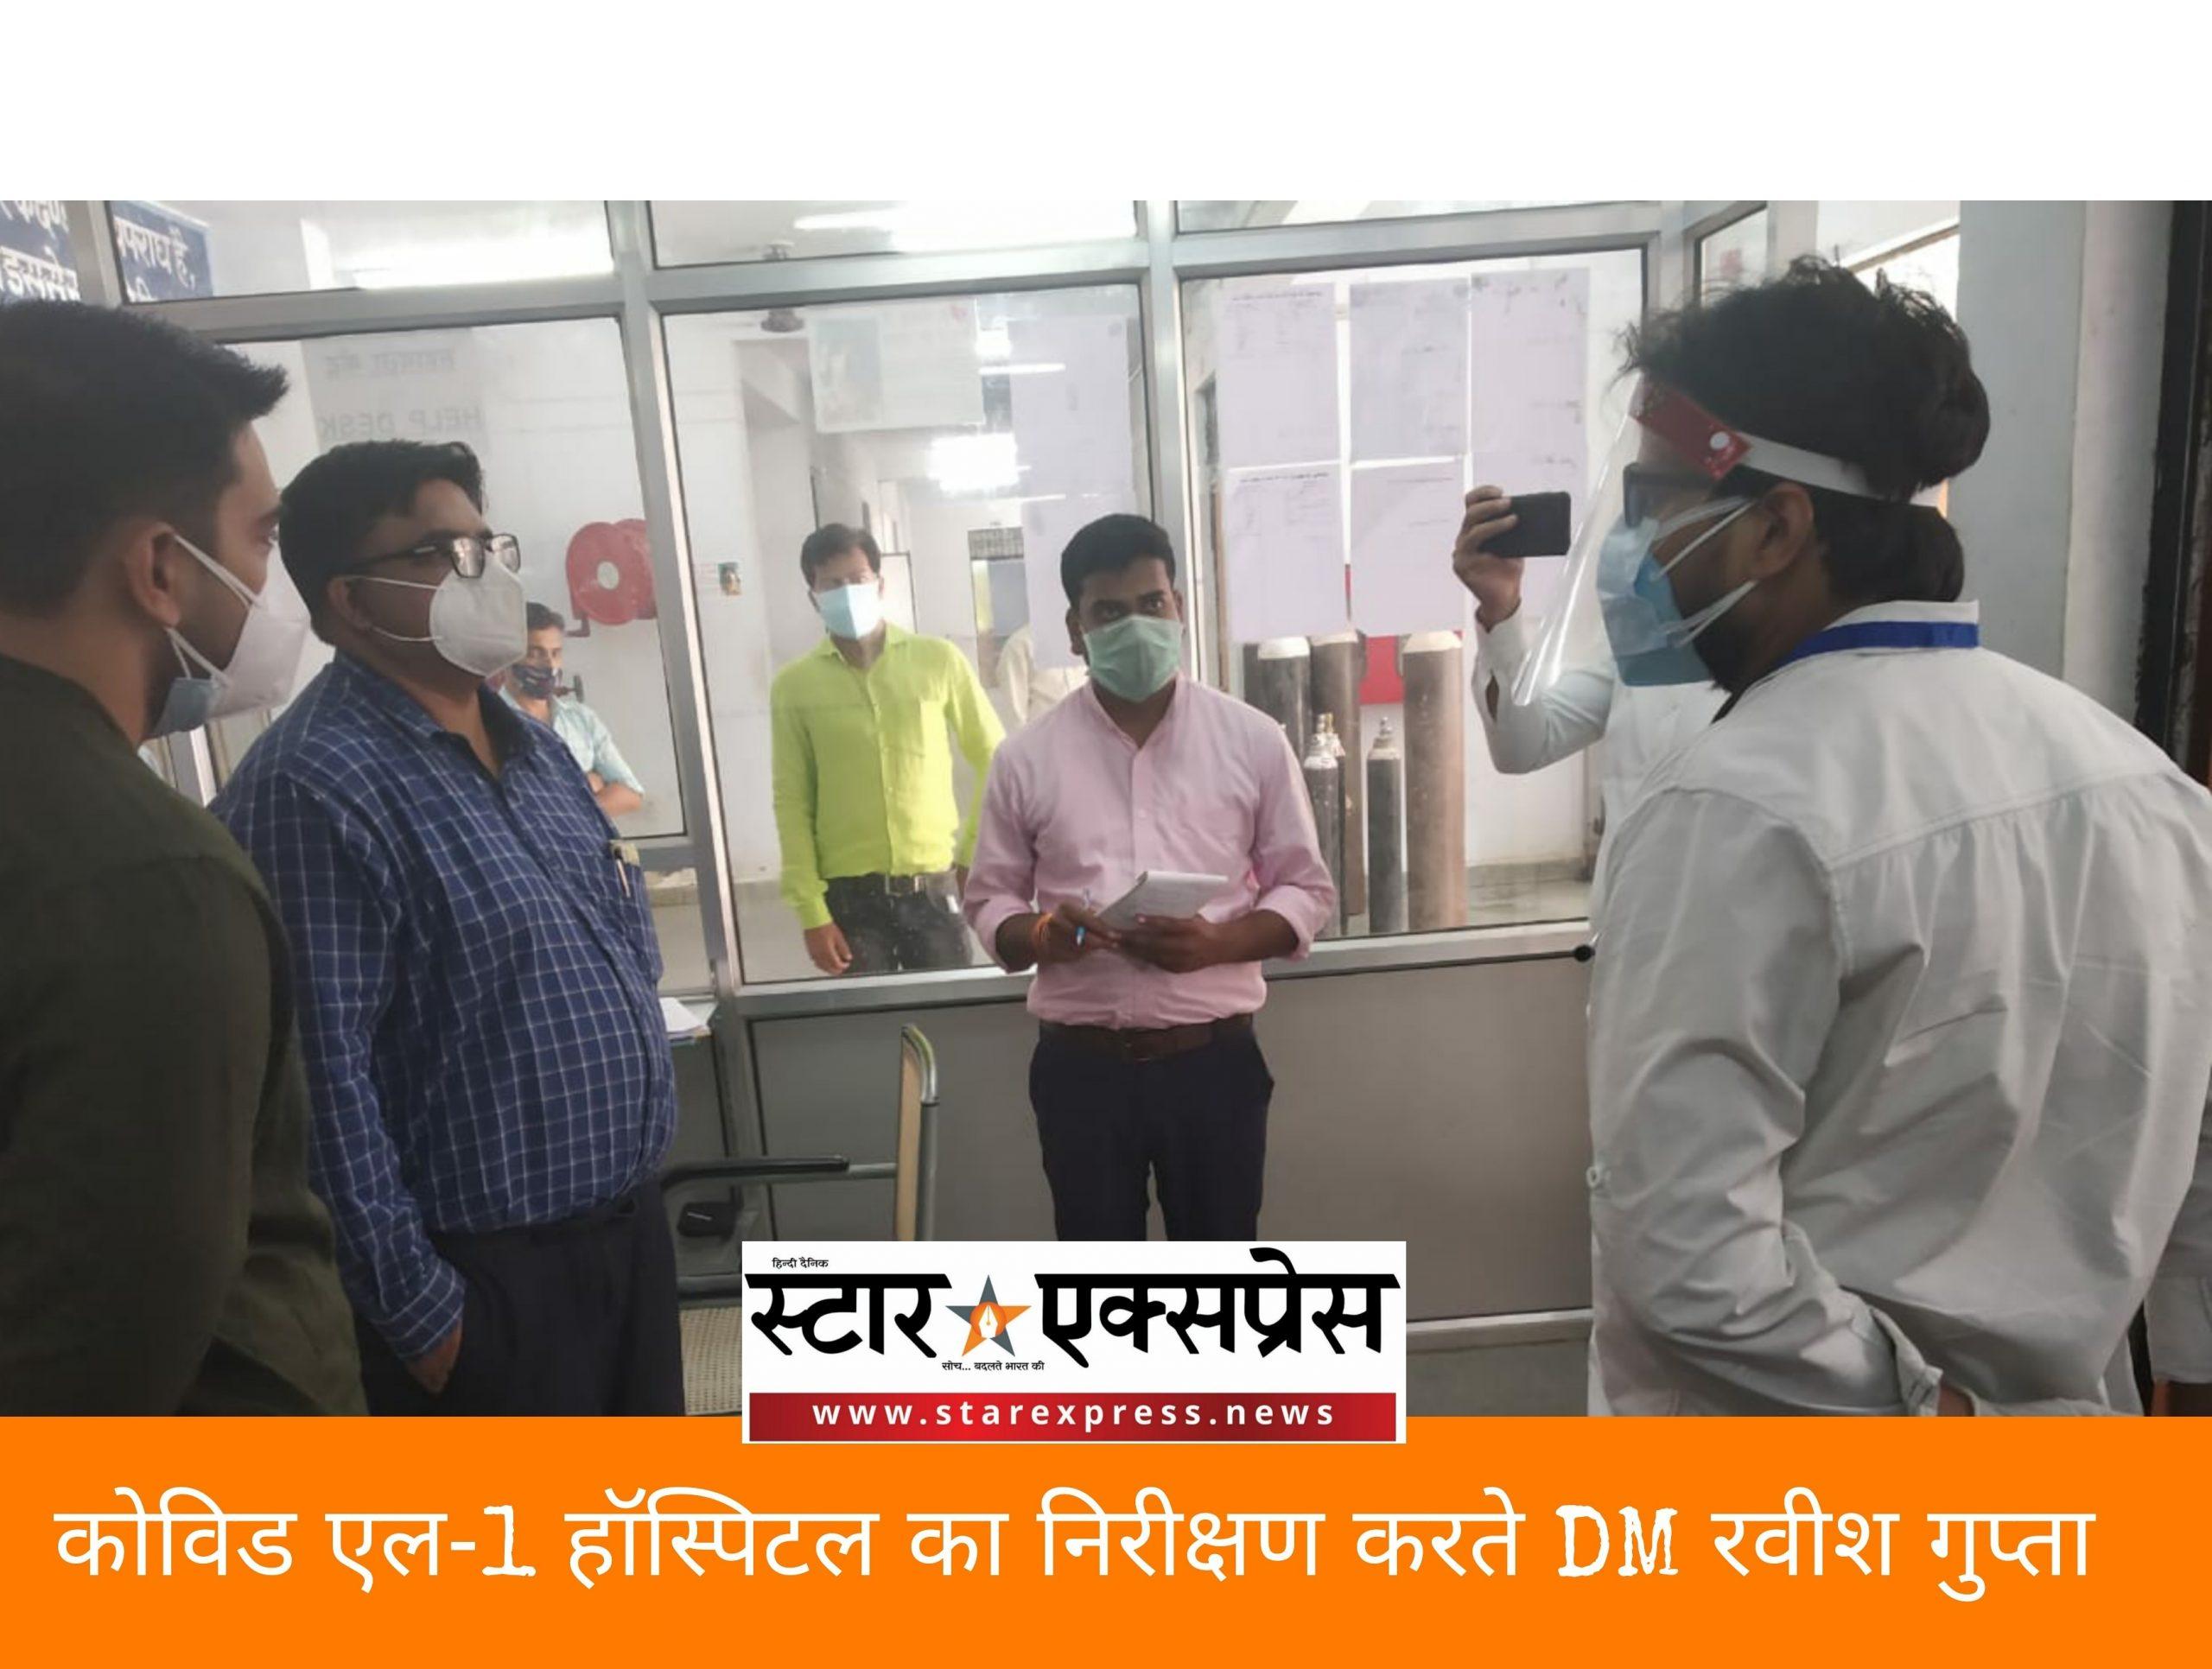 Photo of DM रवीश गुप्ता ने CDO के साथ कोविड एल-1 हॉस्पिटल का किया निरीक्षण